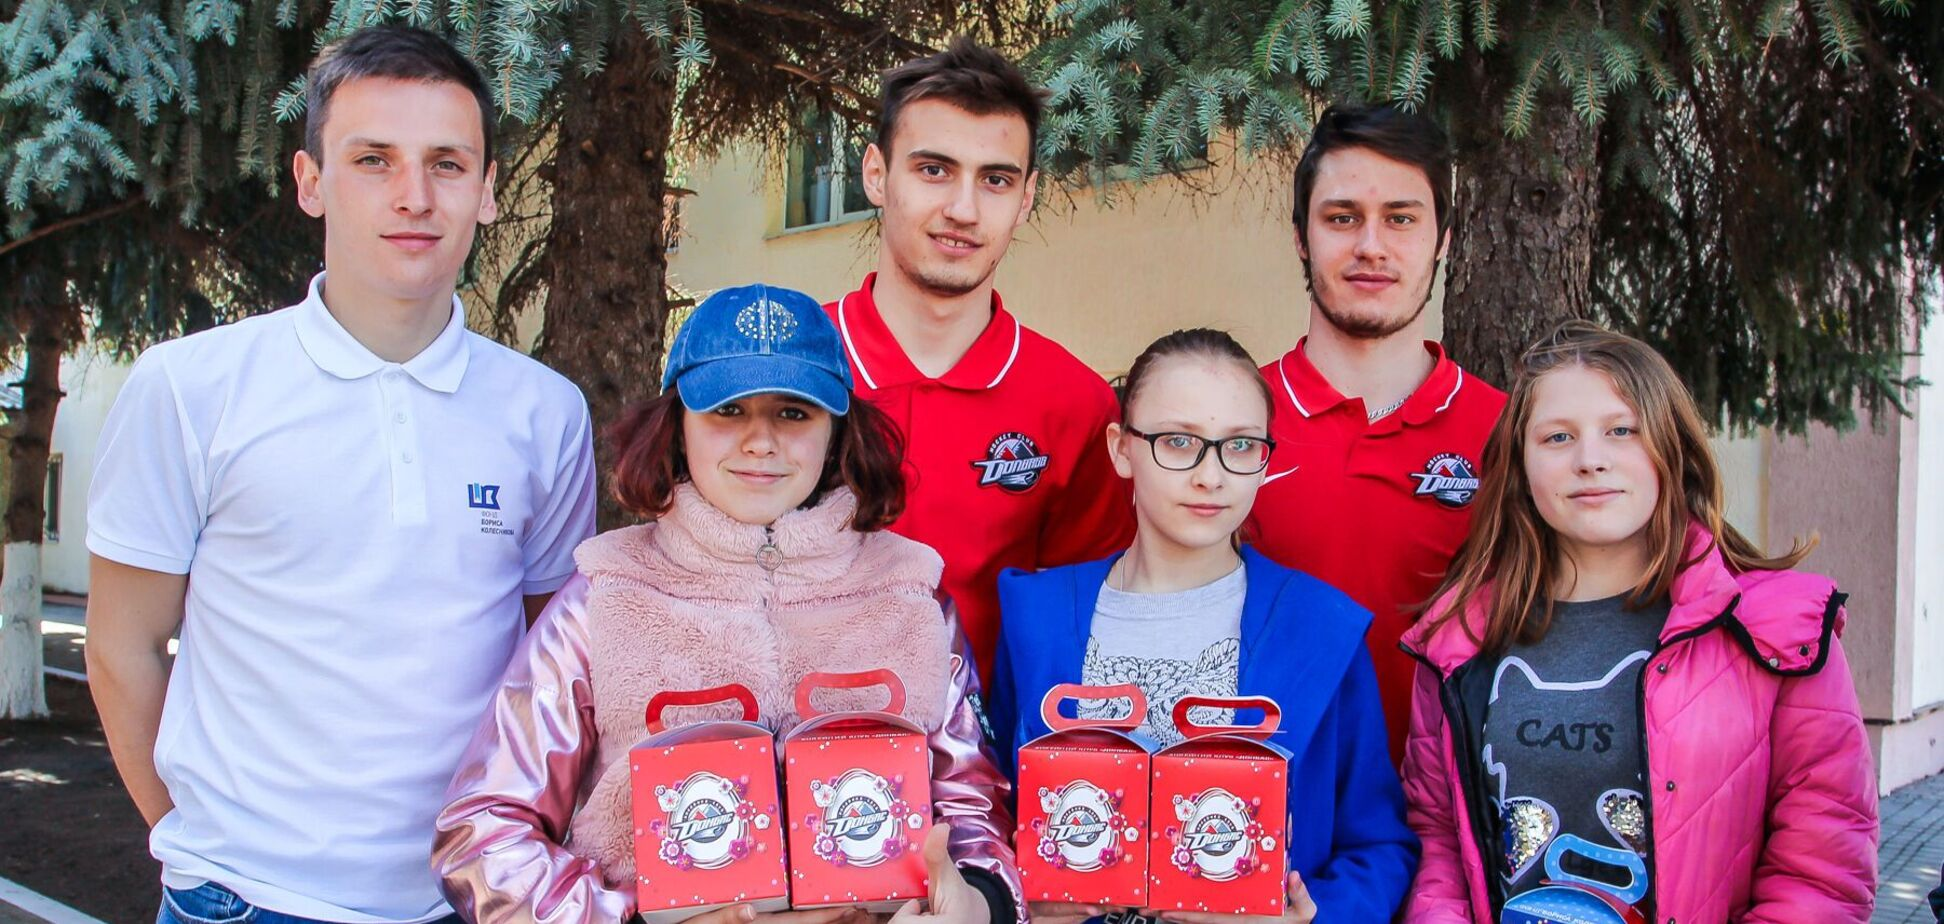 Благодійники і спортсмени вручили 1200 пасок літнім, сиротам та людям з інвалідністю Донеччини